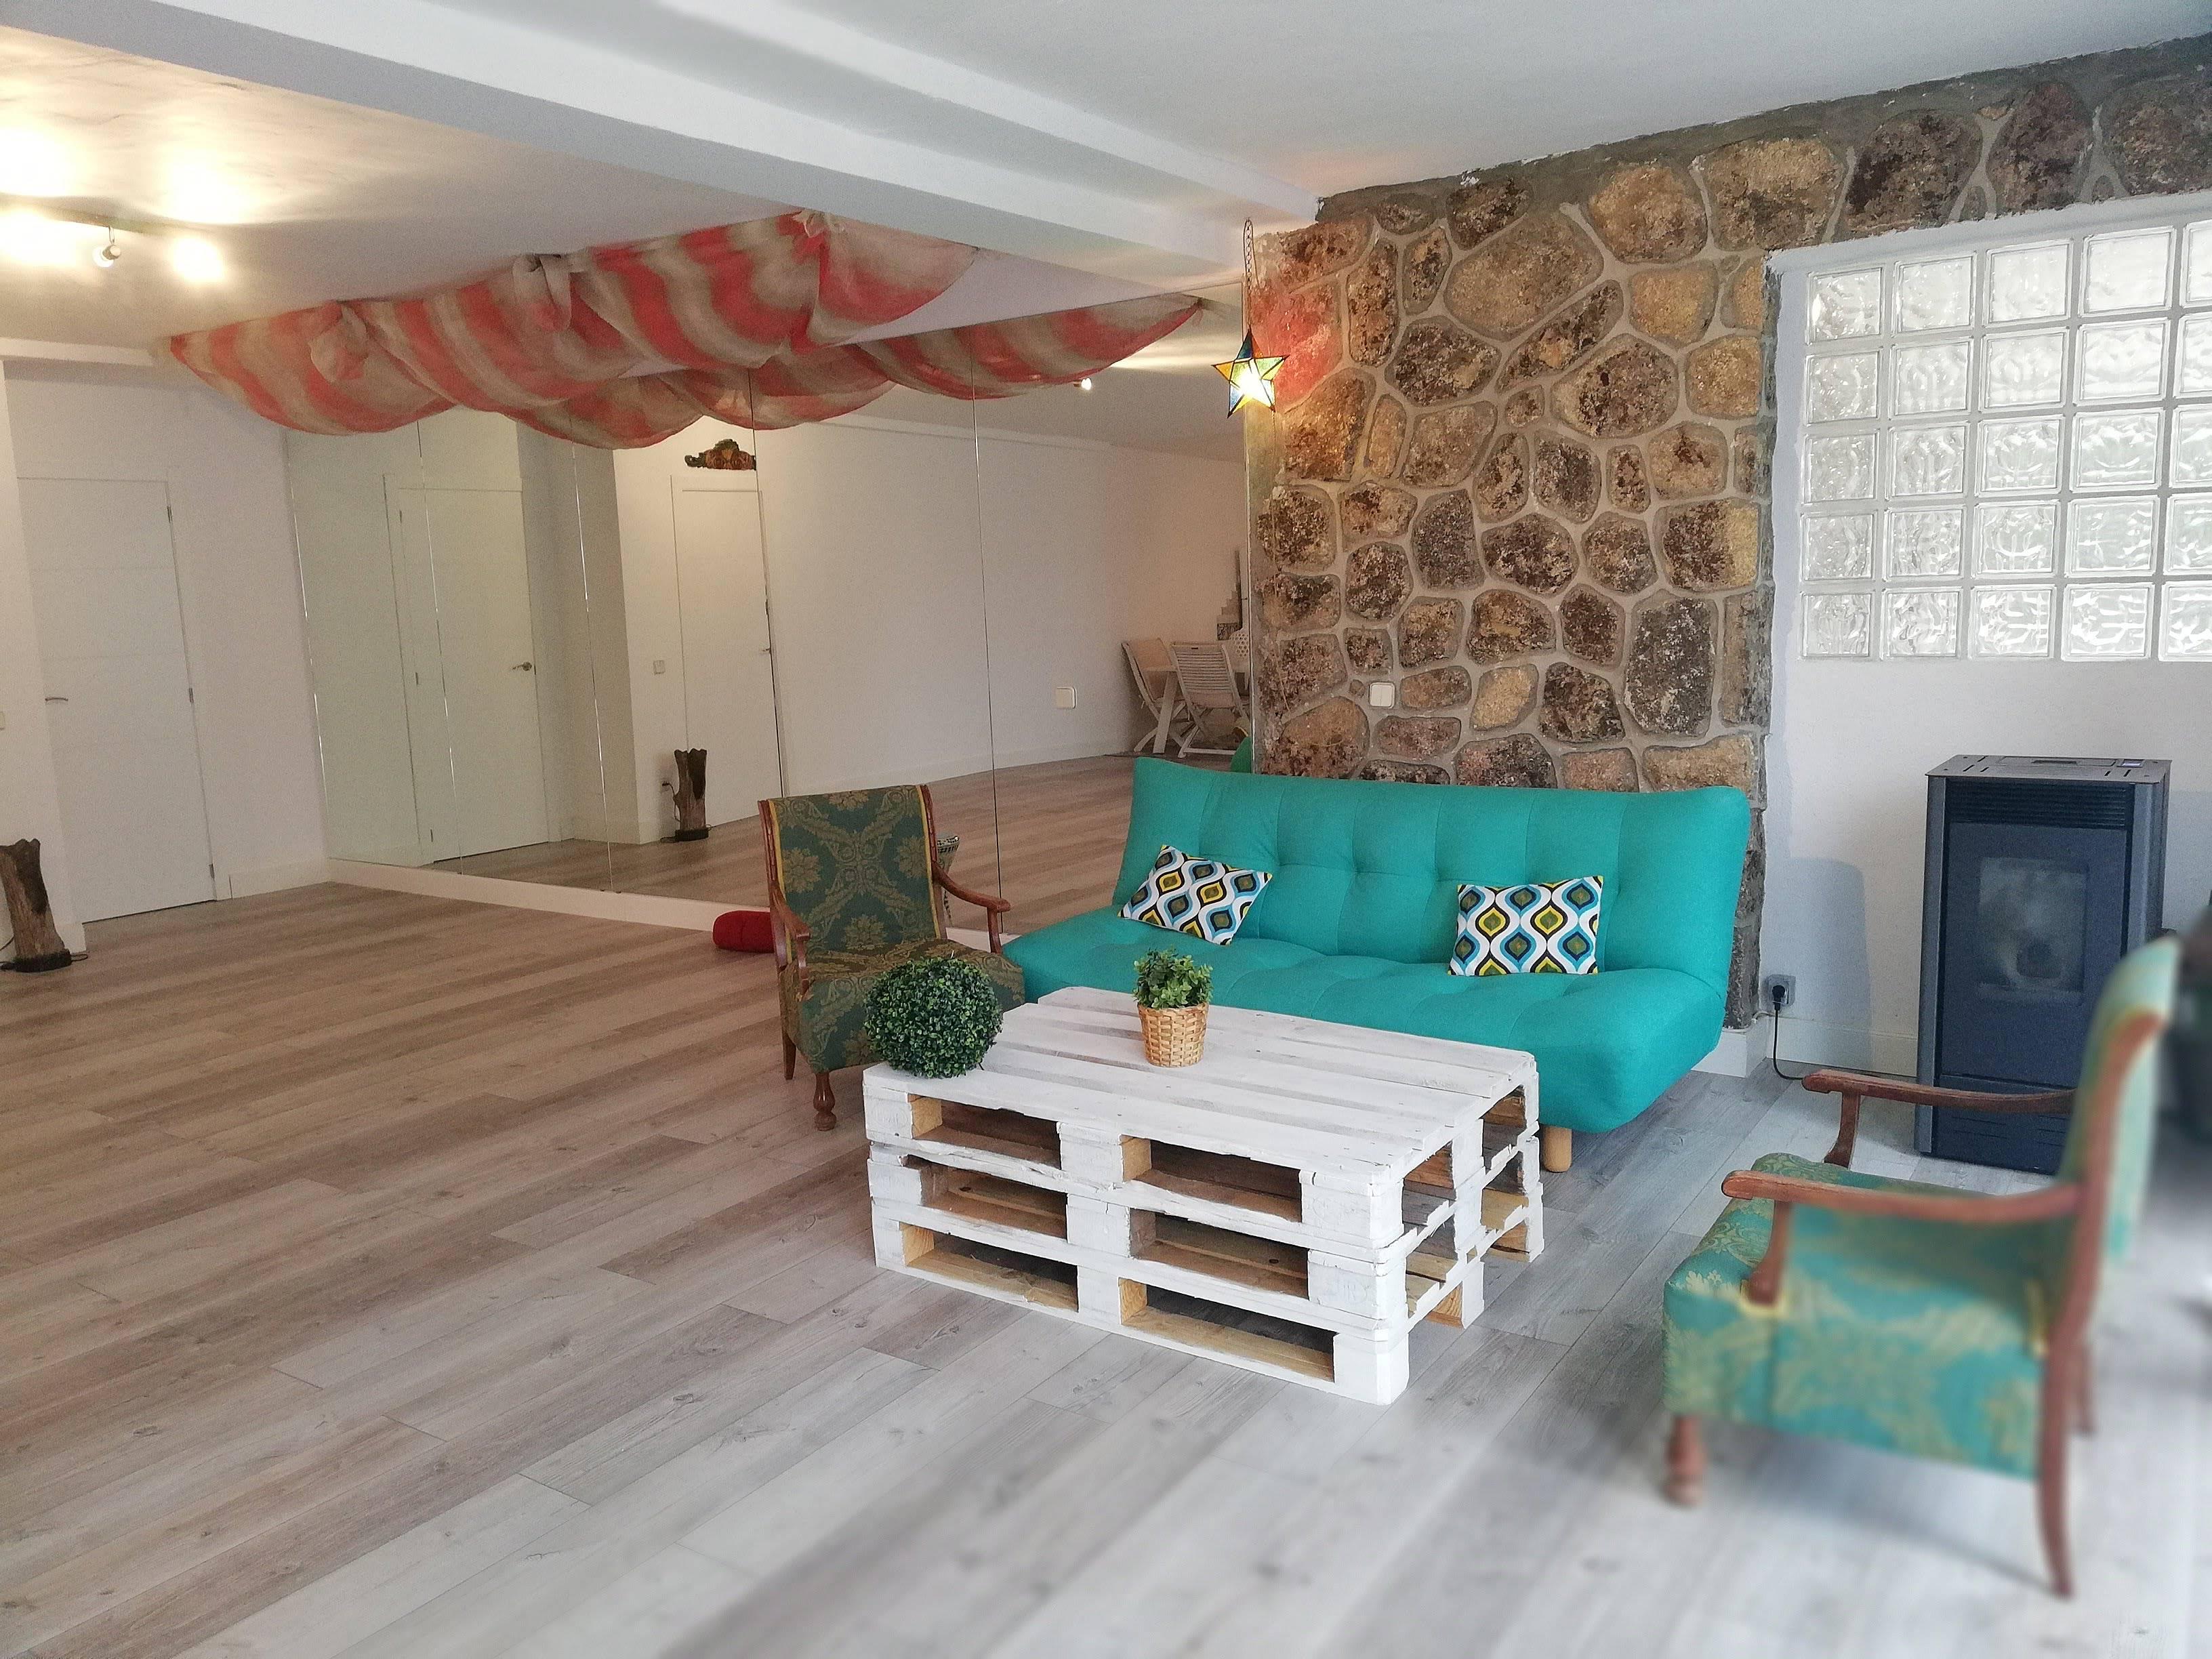 Alquiler apartamentos vacacionales en collado villalba madrid y casas rurales - Casas vacacionales madrid ...